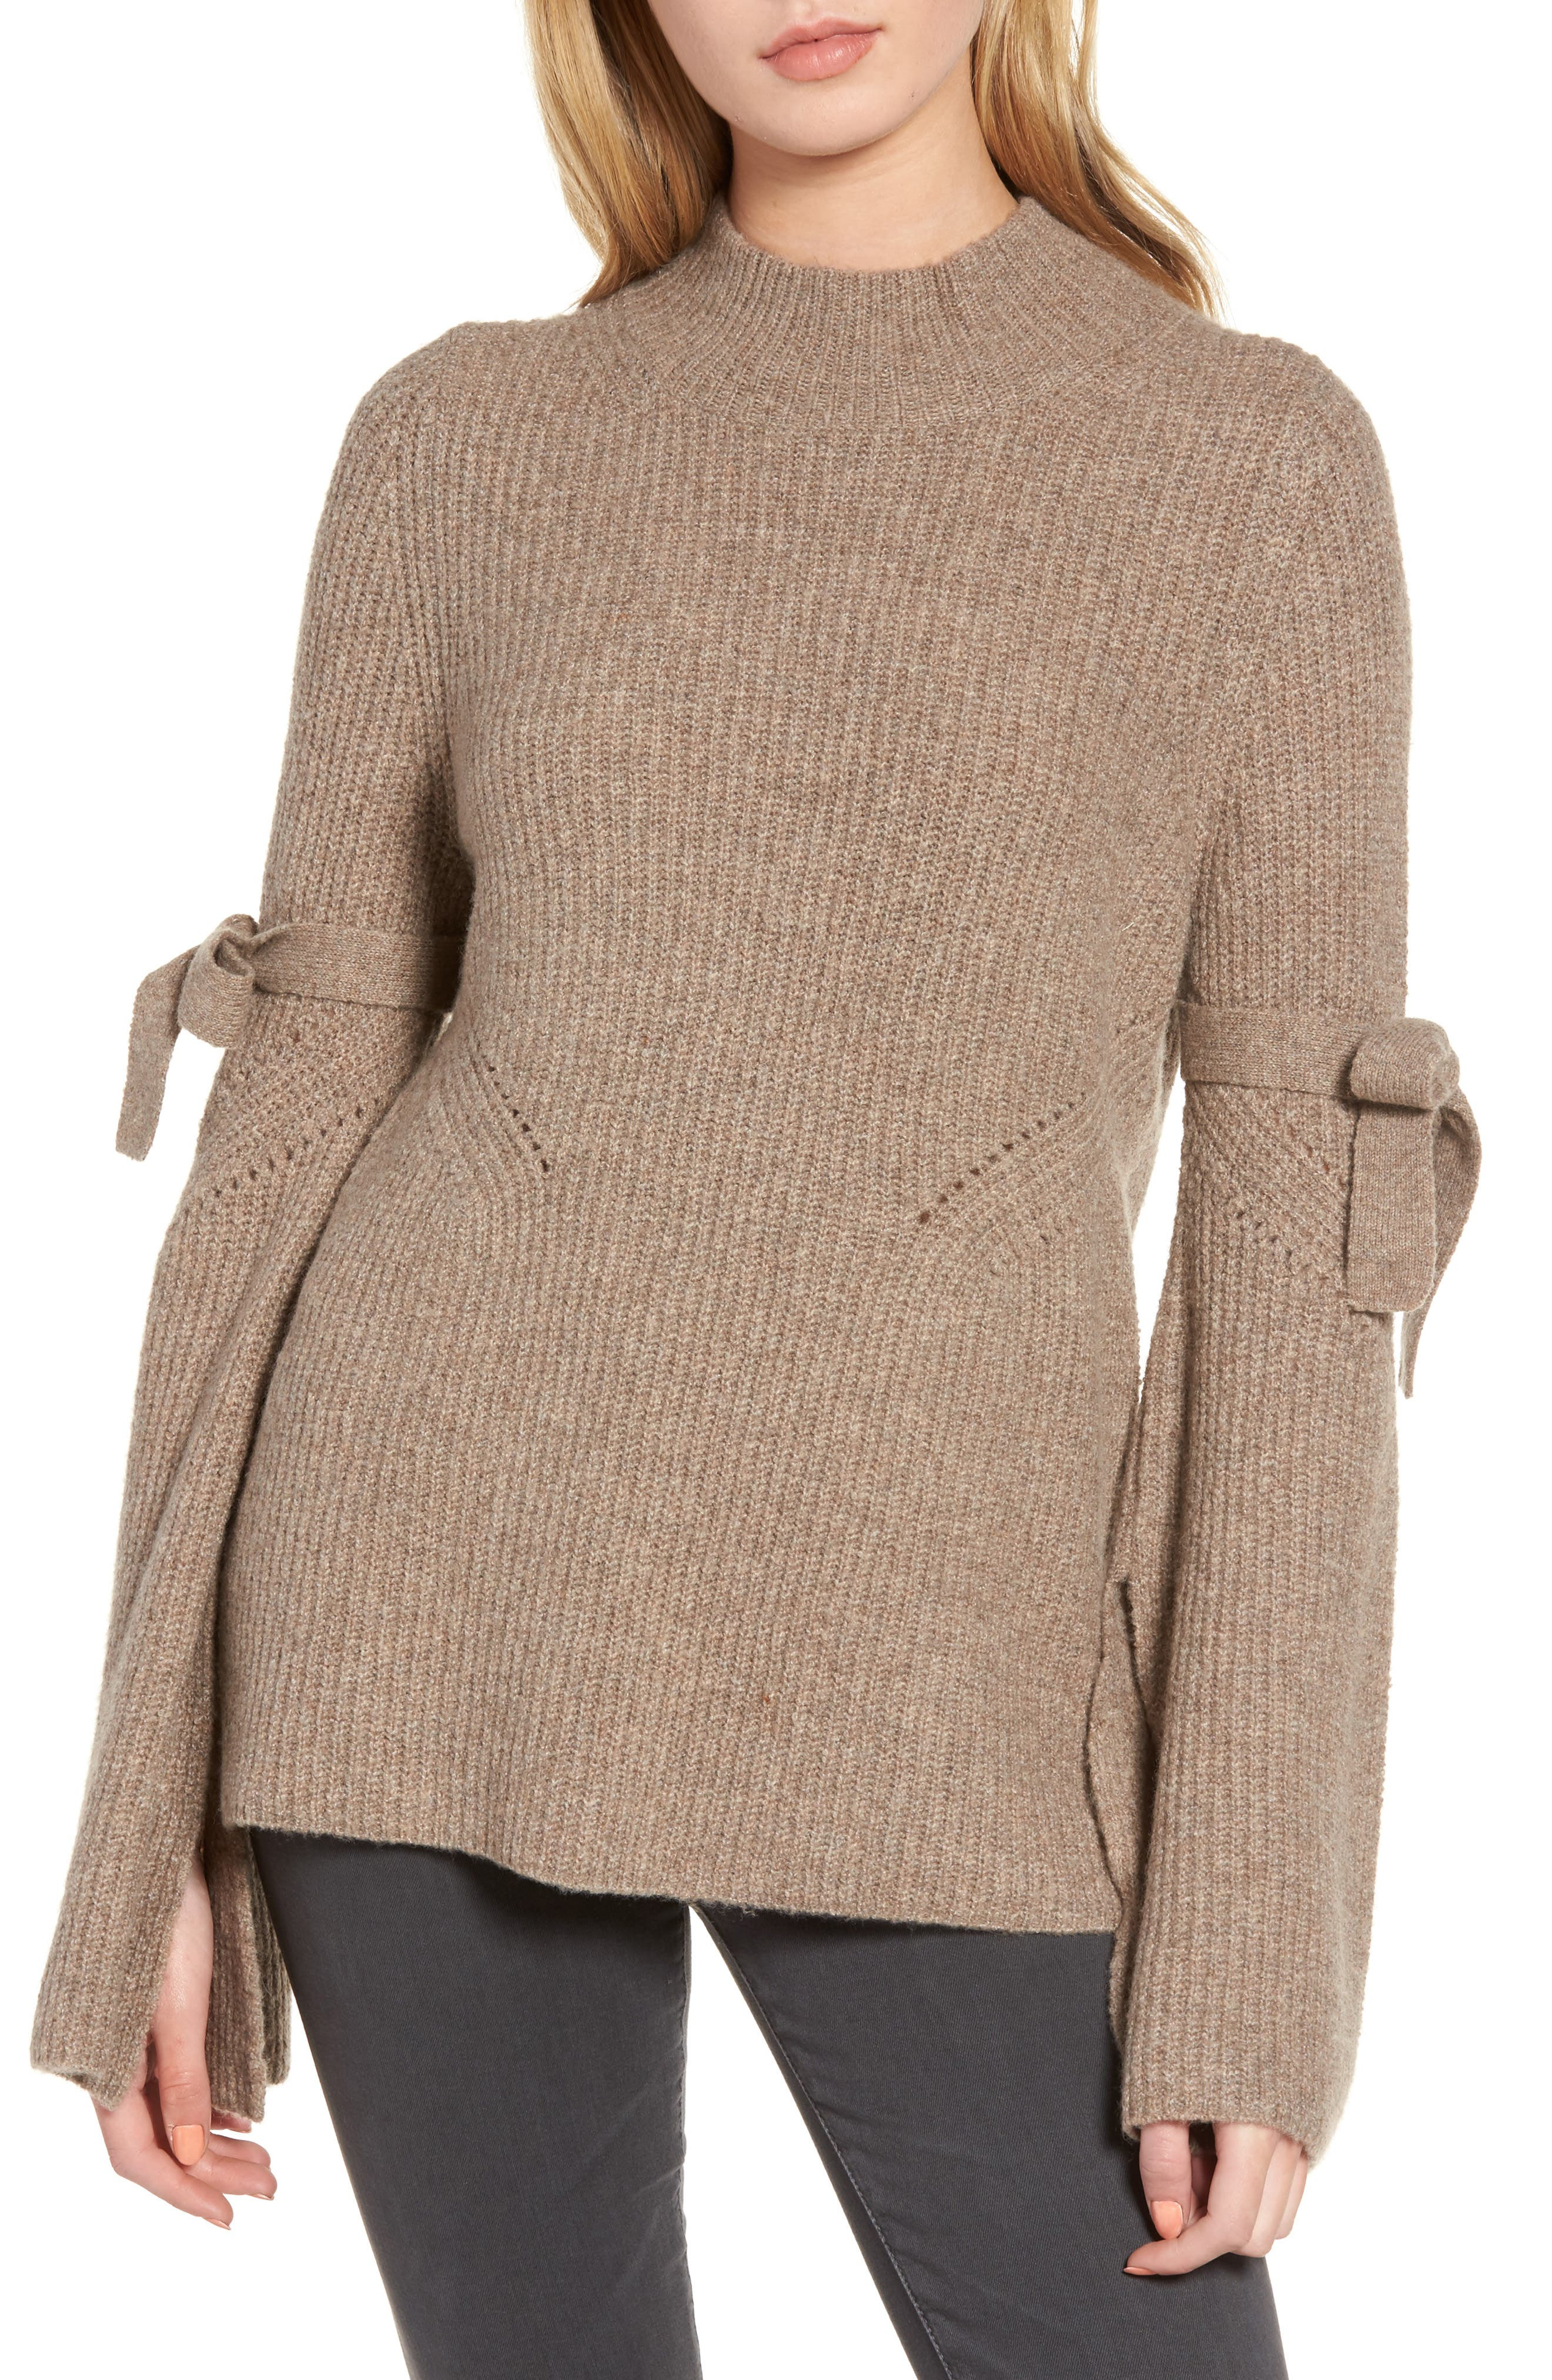 Alternate Image 1 Selected - Chelsea28 Tie Bell Sleeve Sweater